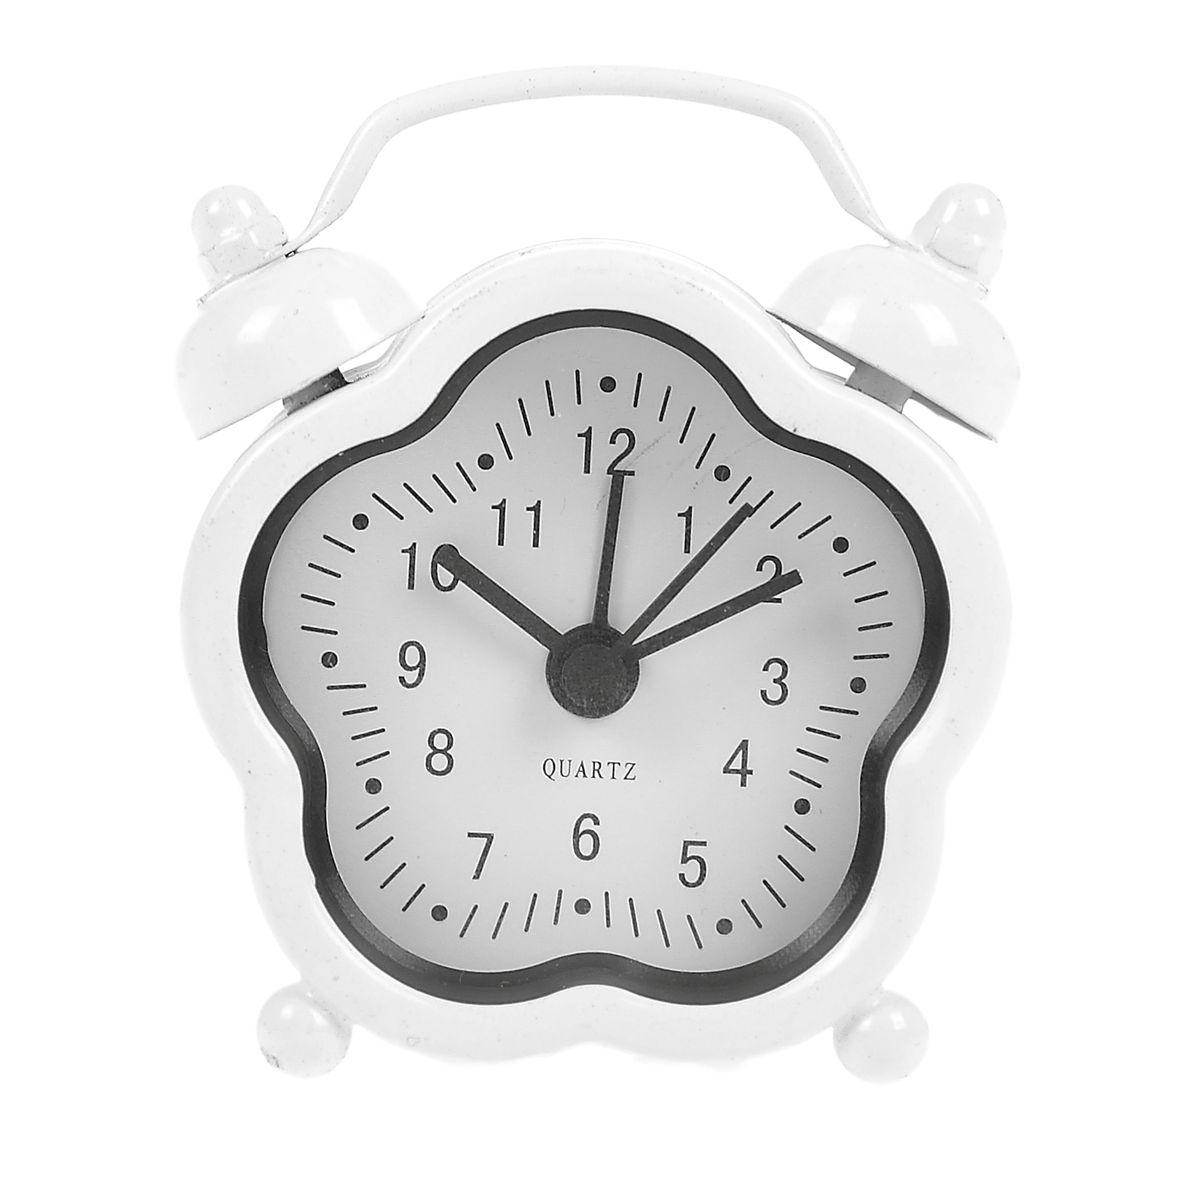 Часы-будильник Sima-land, цвет: белый. 840956MRC 4143 buntКак же сложно иногда вставать вовремя! Всегда так хочется поспать еще хотя бы 5 минут и бывает, что мы просыпаем. Теперь этого не случится! Яркий, оригинальный будильник Sima-land поможет вам всегда вставать в нужное время и успевать везде и всюду. Будильник украсит вашу комнату и приведет в восхищение друзей. Эта уменьшенная версия привычного будильника умещается на ладони и работает так же громко, как и привычные аналоги. Время показывает точно и будит в установленный час.На задней панели будильника расположены переключатель включения/выключения механизма, а также два колесика для настройки текущего времени и времени звонка будильника.Будильник работает от 1 батарейки типа LR44 (входит в комплект).